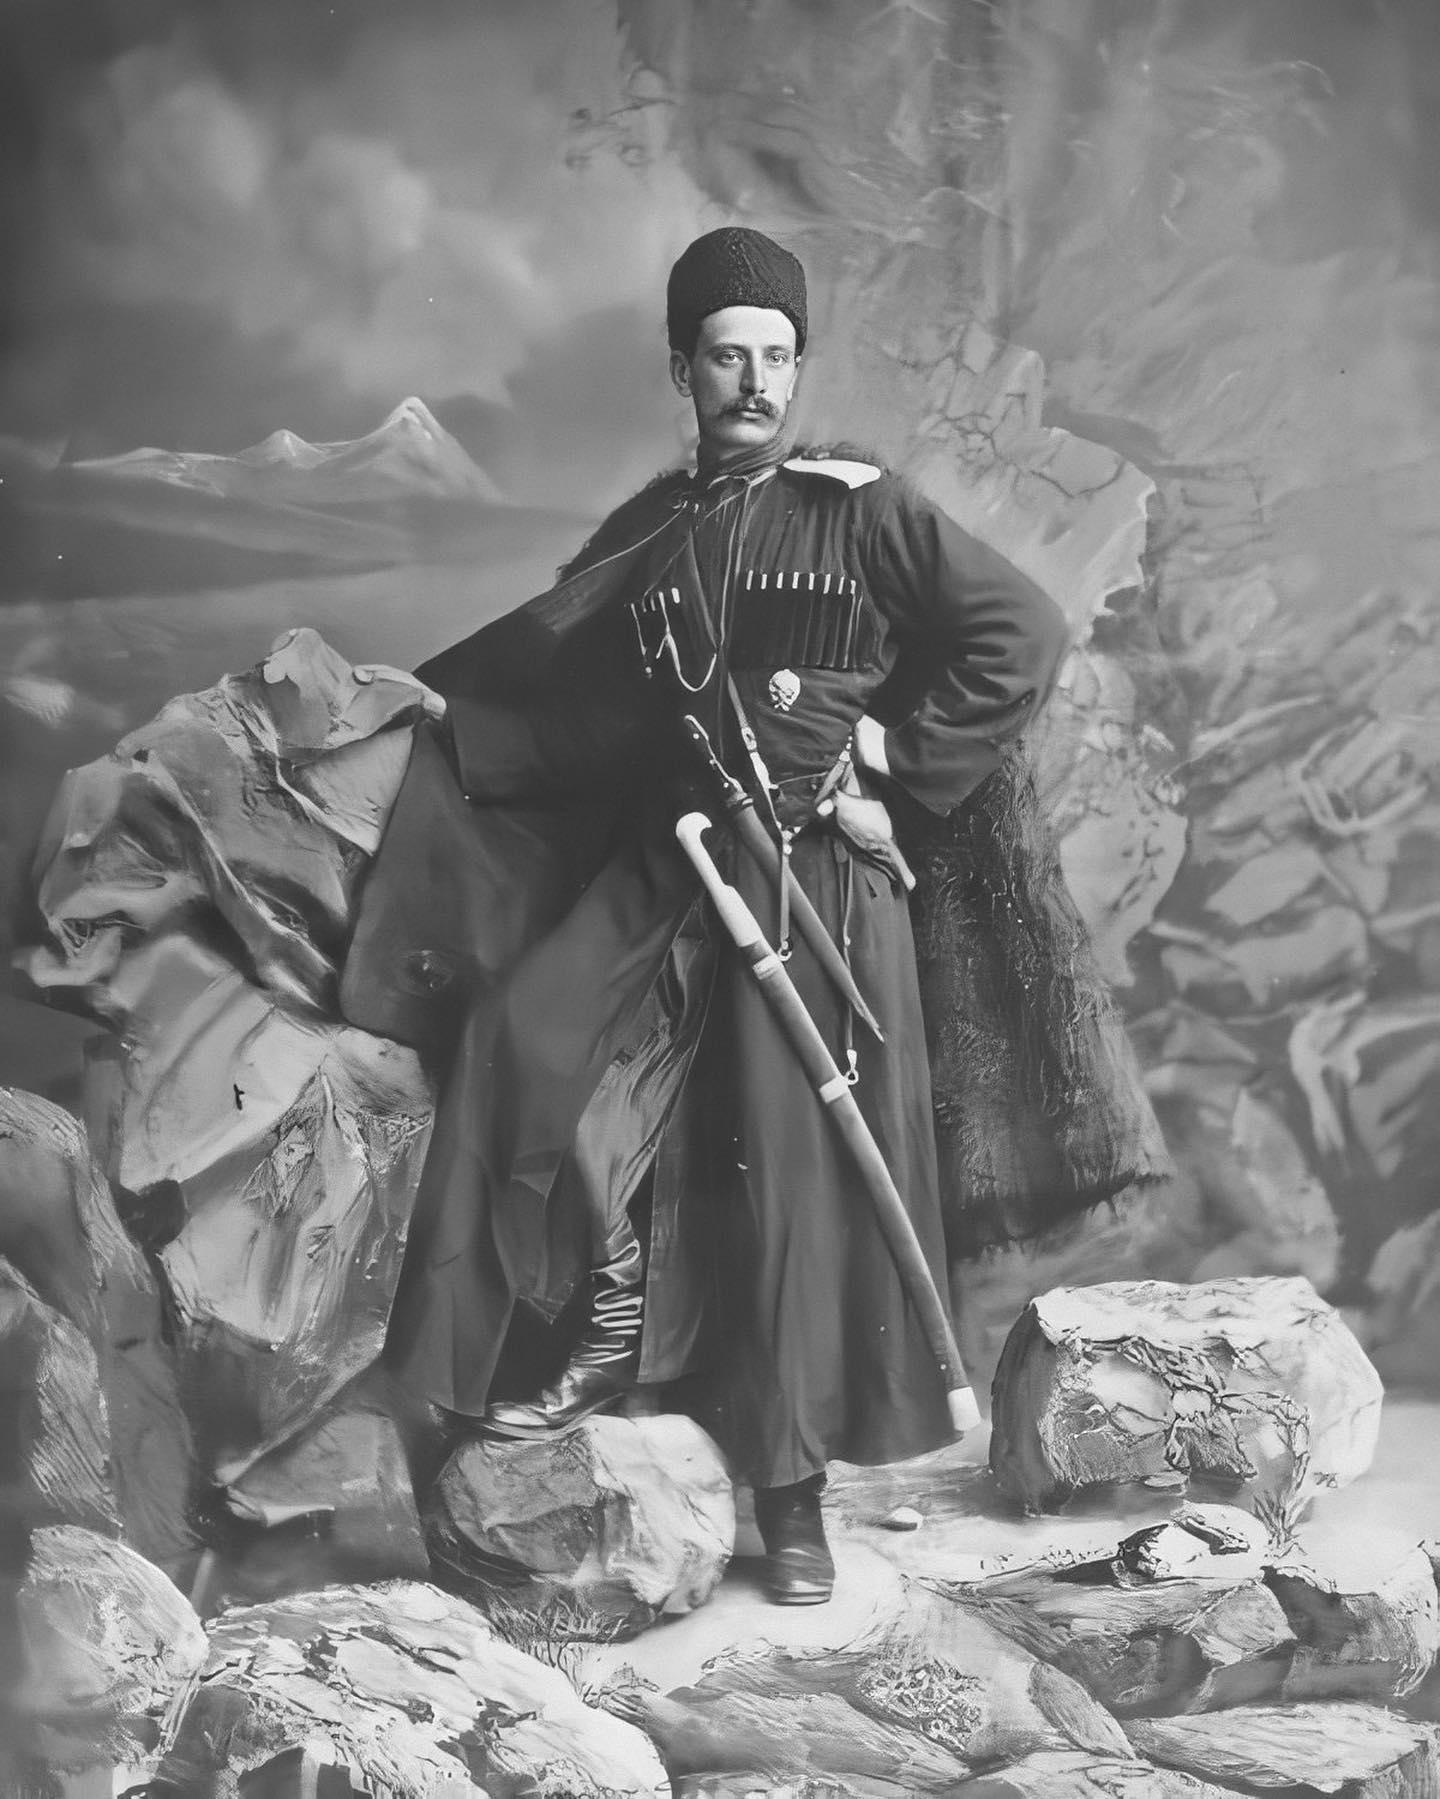 Человек-османский черкес, Стамбул, 1887 год.